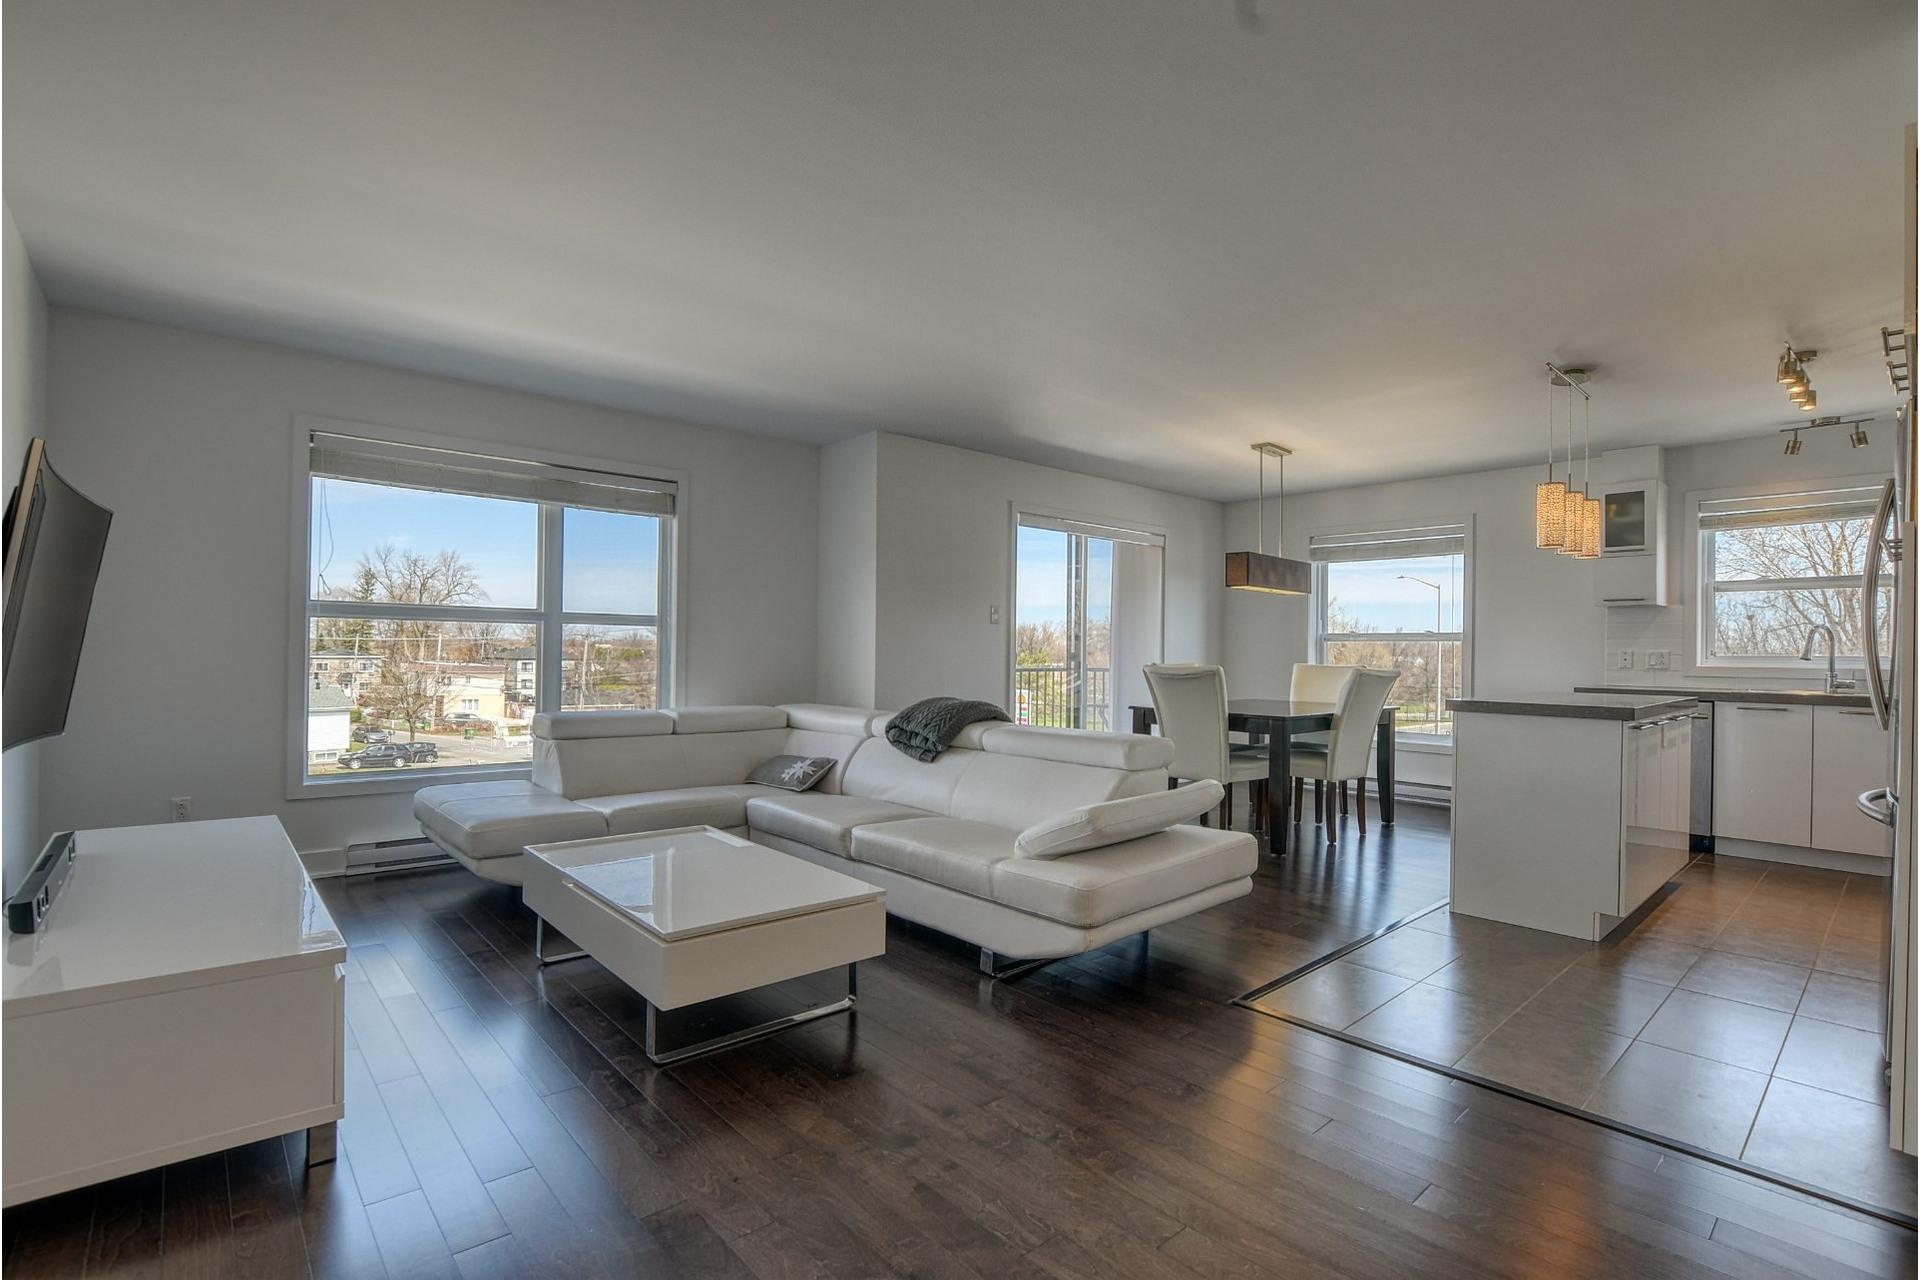 image 0 - Appartement À vendre Rivière-des-Prairies/Pointe-aux-Trembles Montréal  - 11 pièces